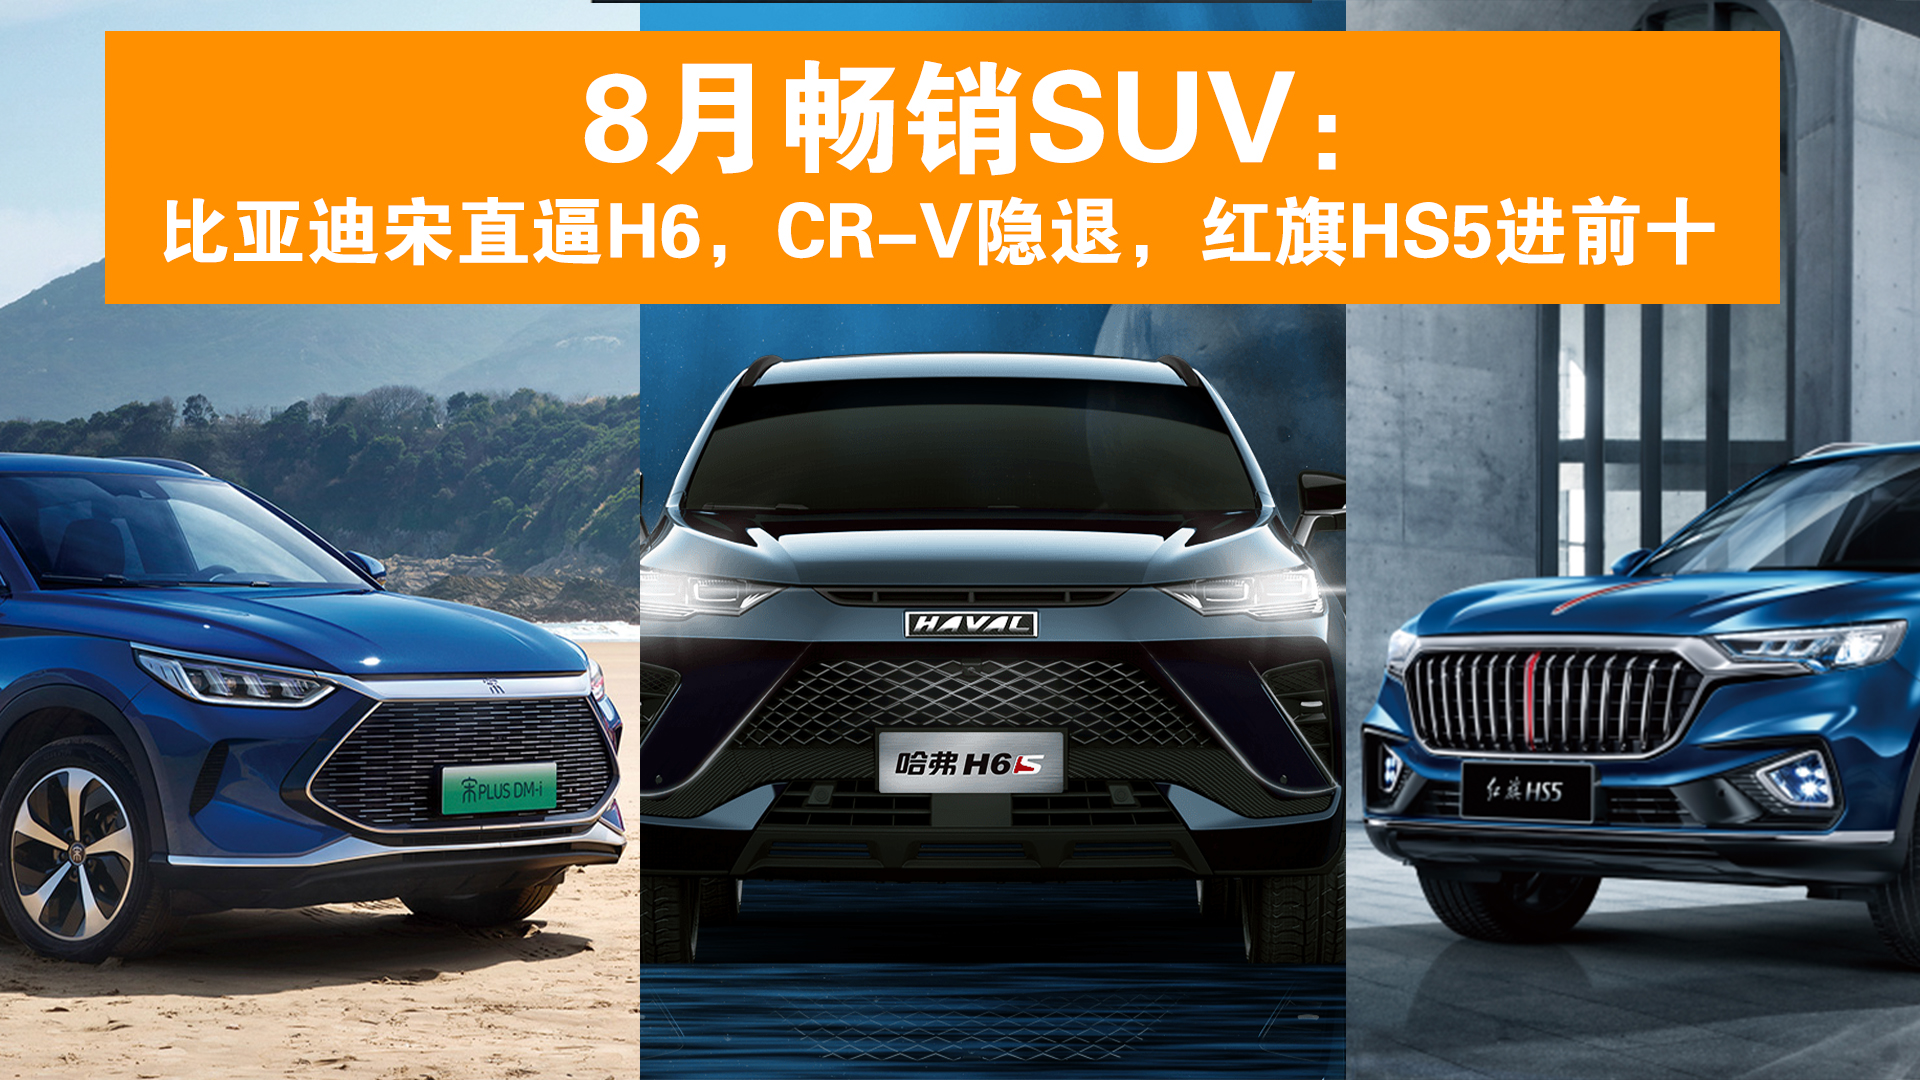 8月畅销SUV:比亚迪宋直逼H6,CR-V隐退,红旗HS5进前十视频